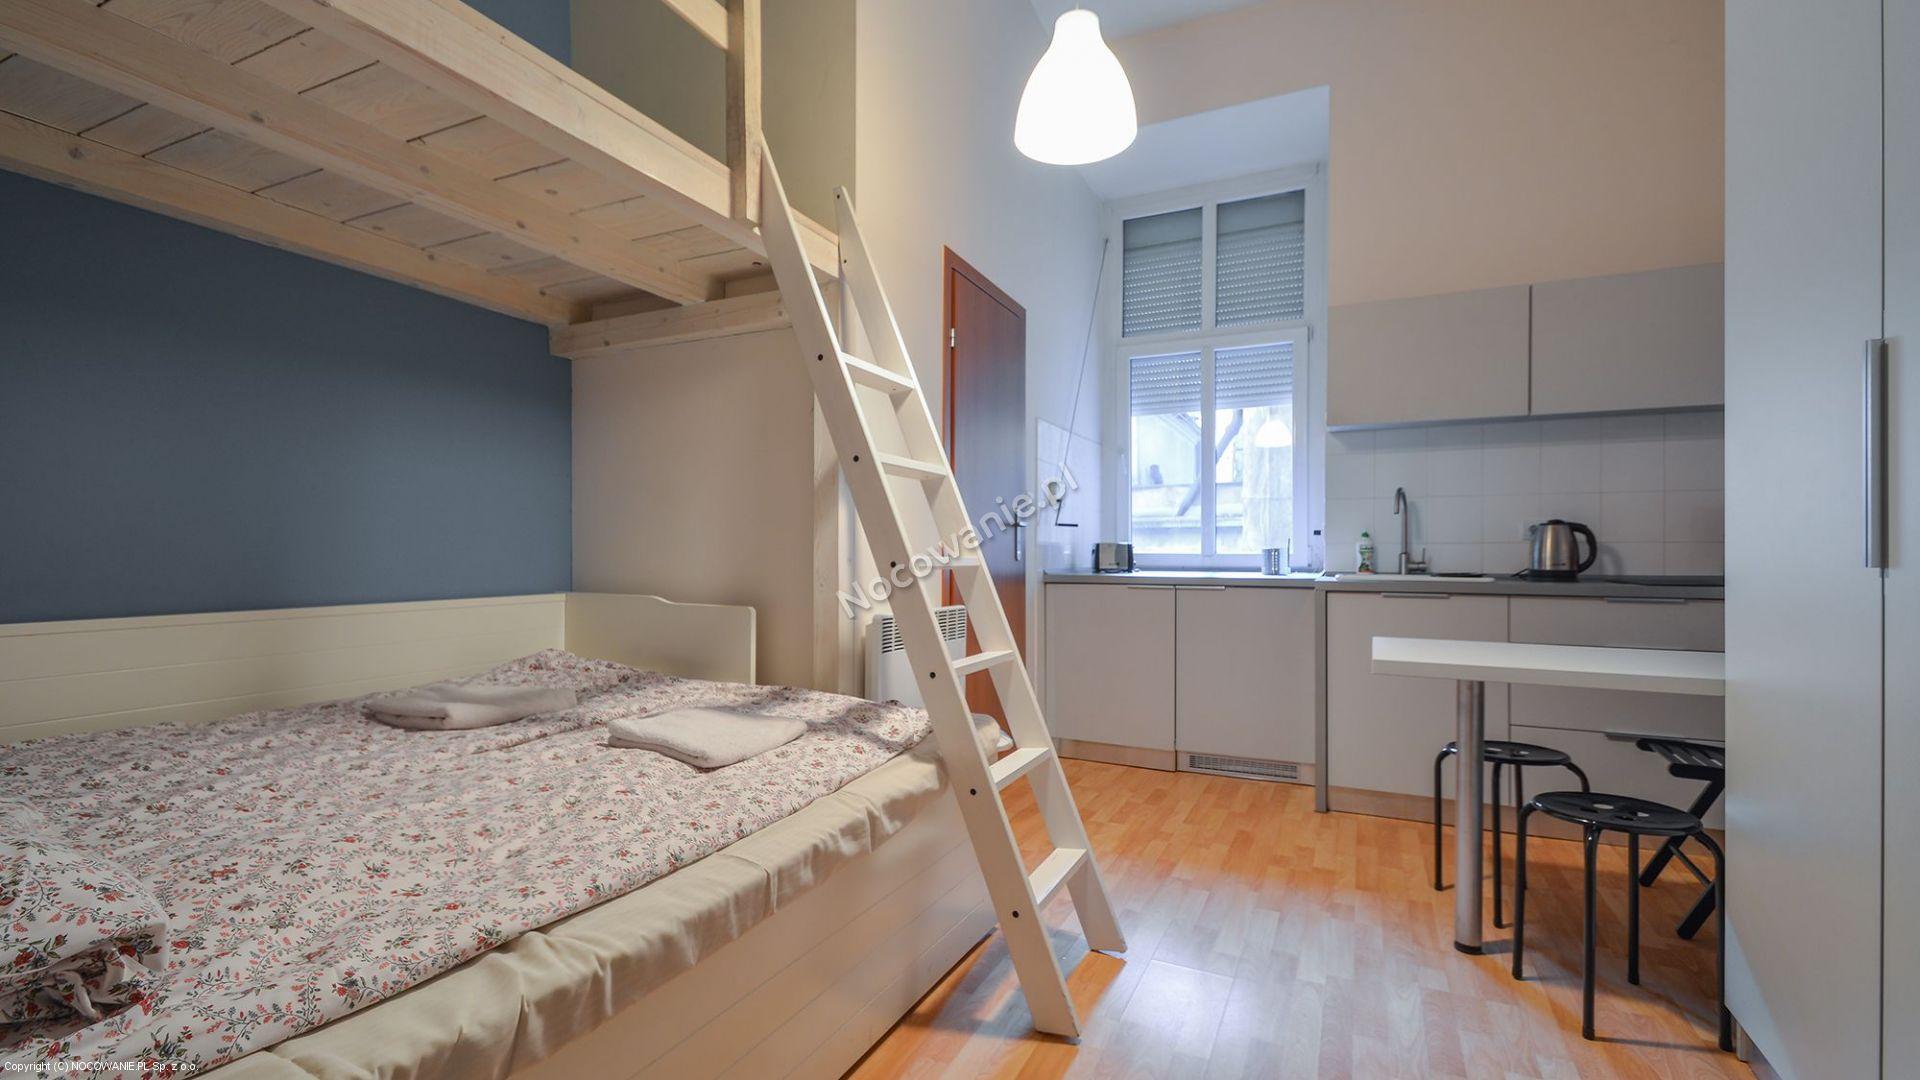 Hostel yellow krak w hostel yellow w krakowie for 15 115 salon kosmetyczny opinie